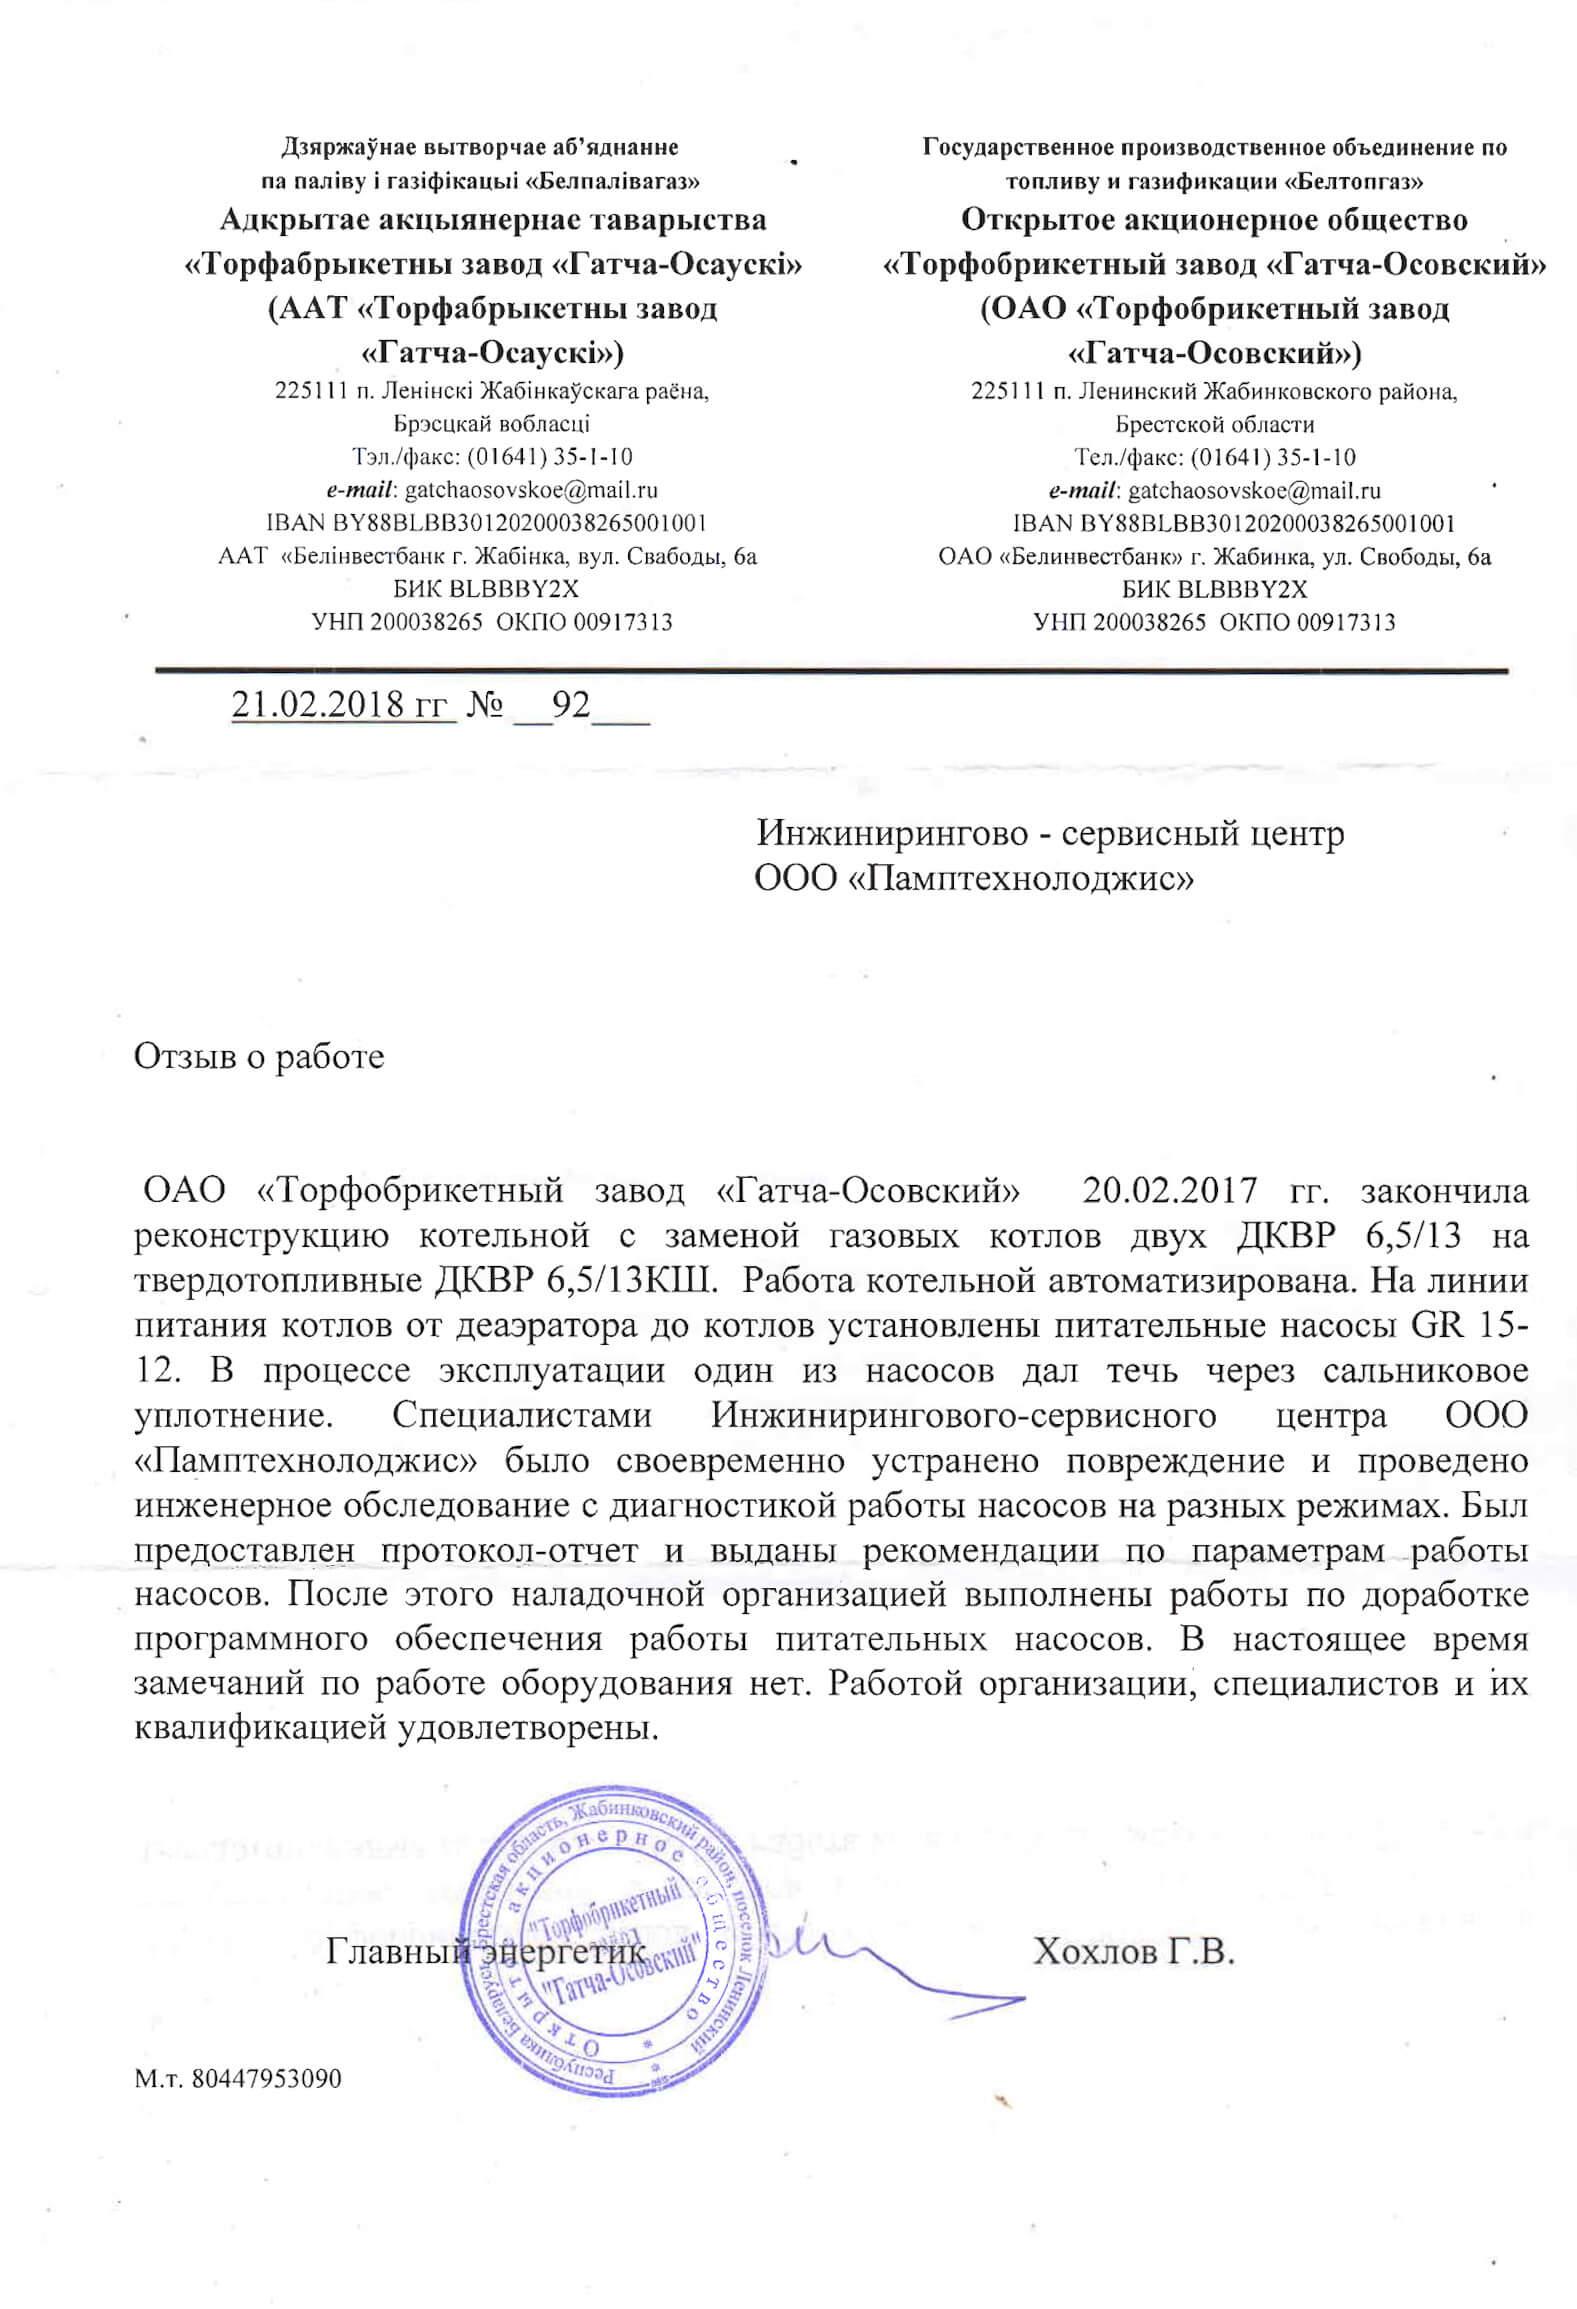 Отзыв ОАО «Торфобрикетный завод «Гатча-Осовский»»